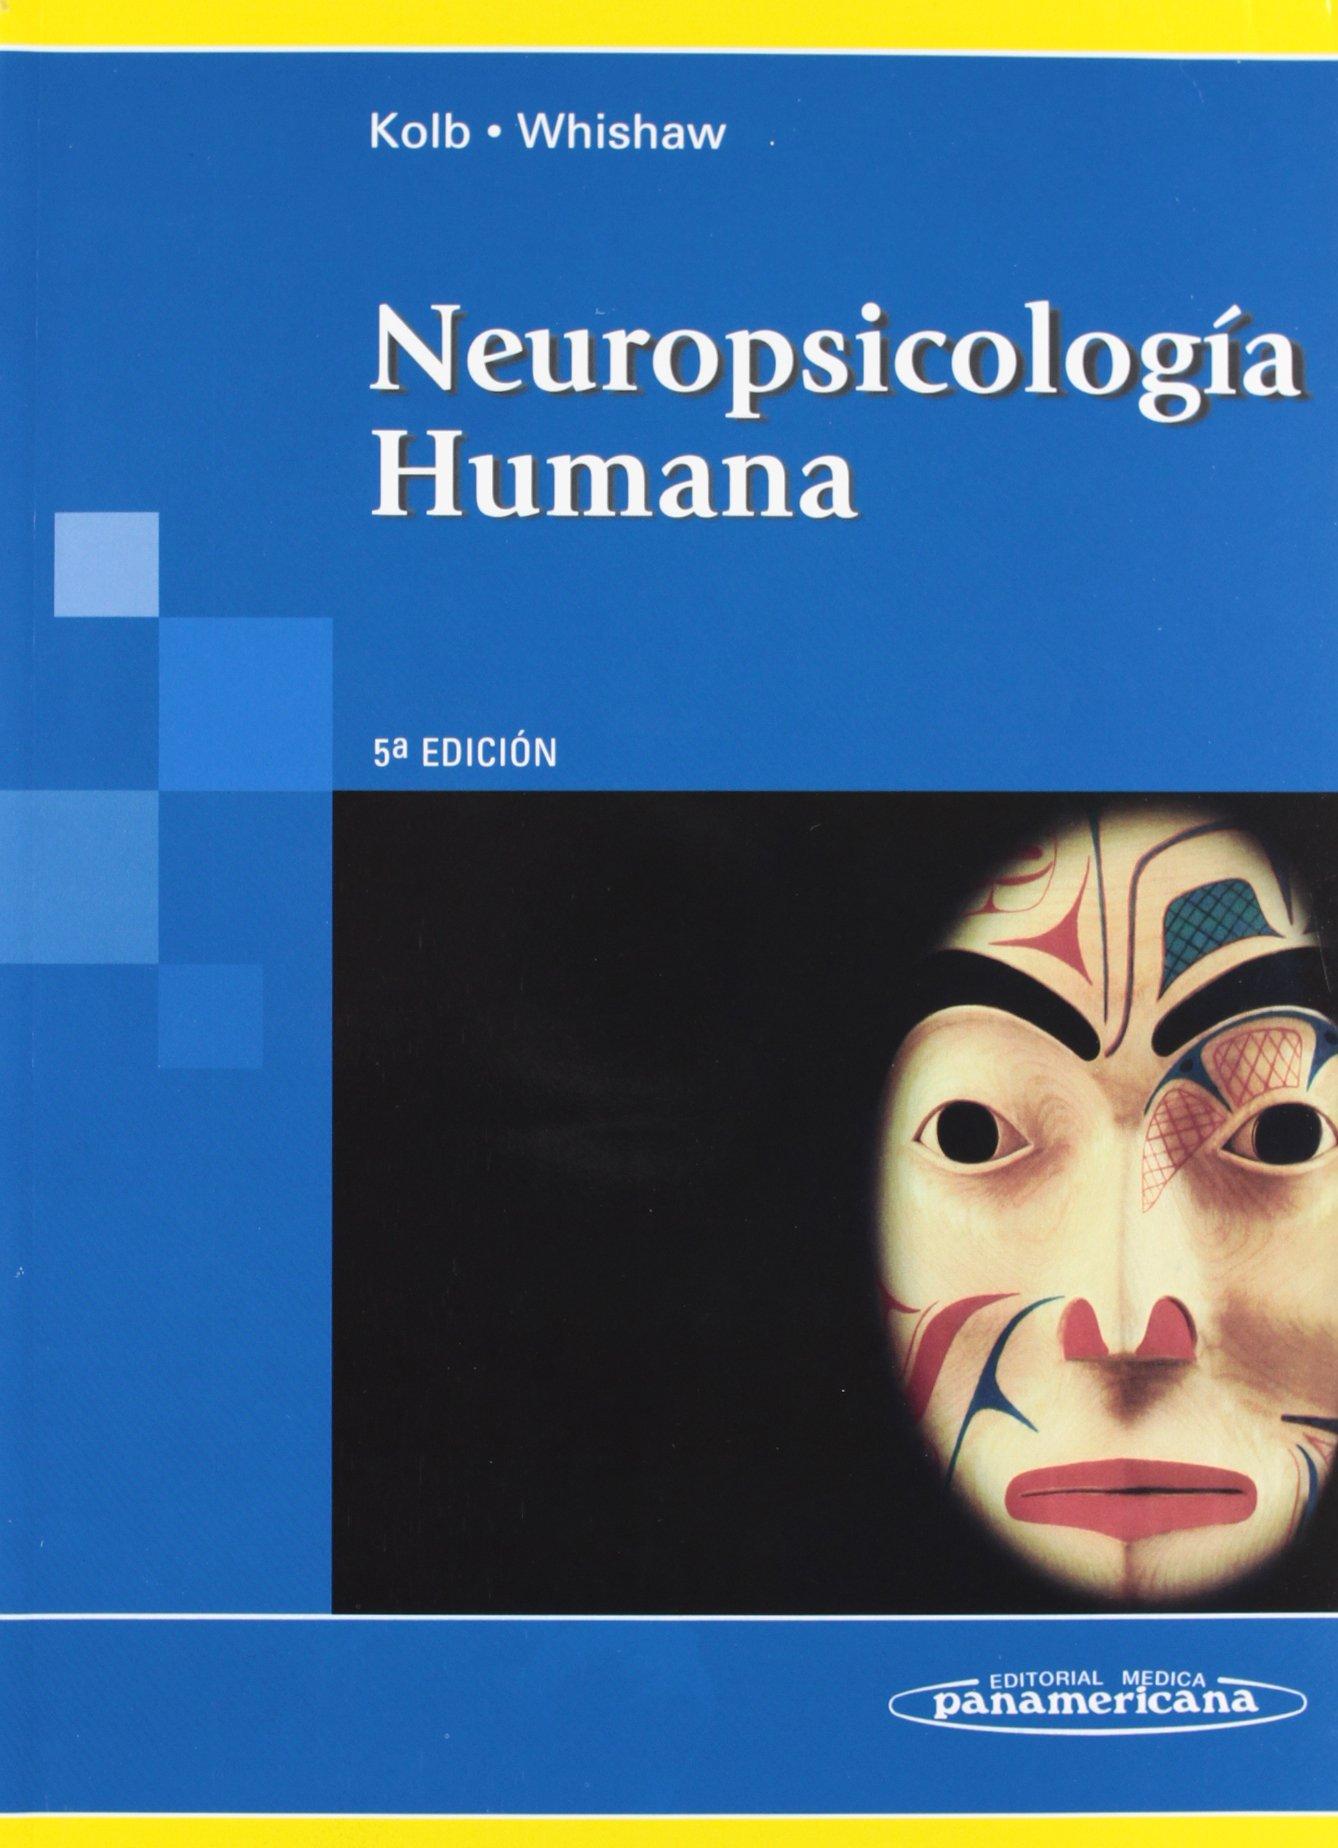 Neuropsicología humana. 5a edición. PDF